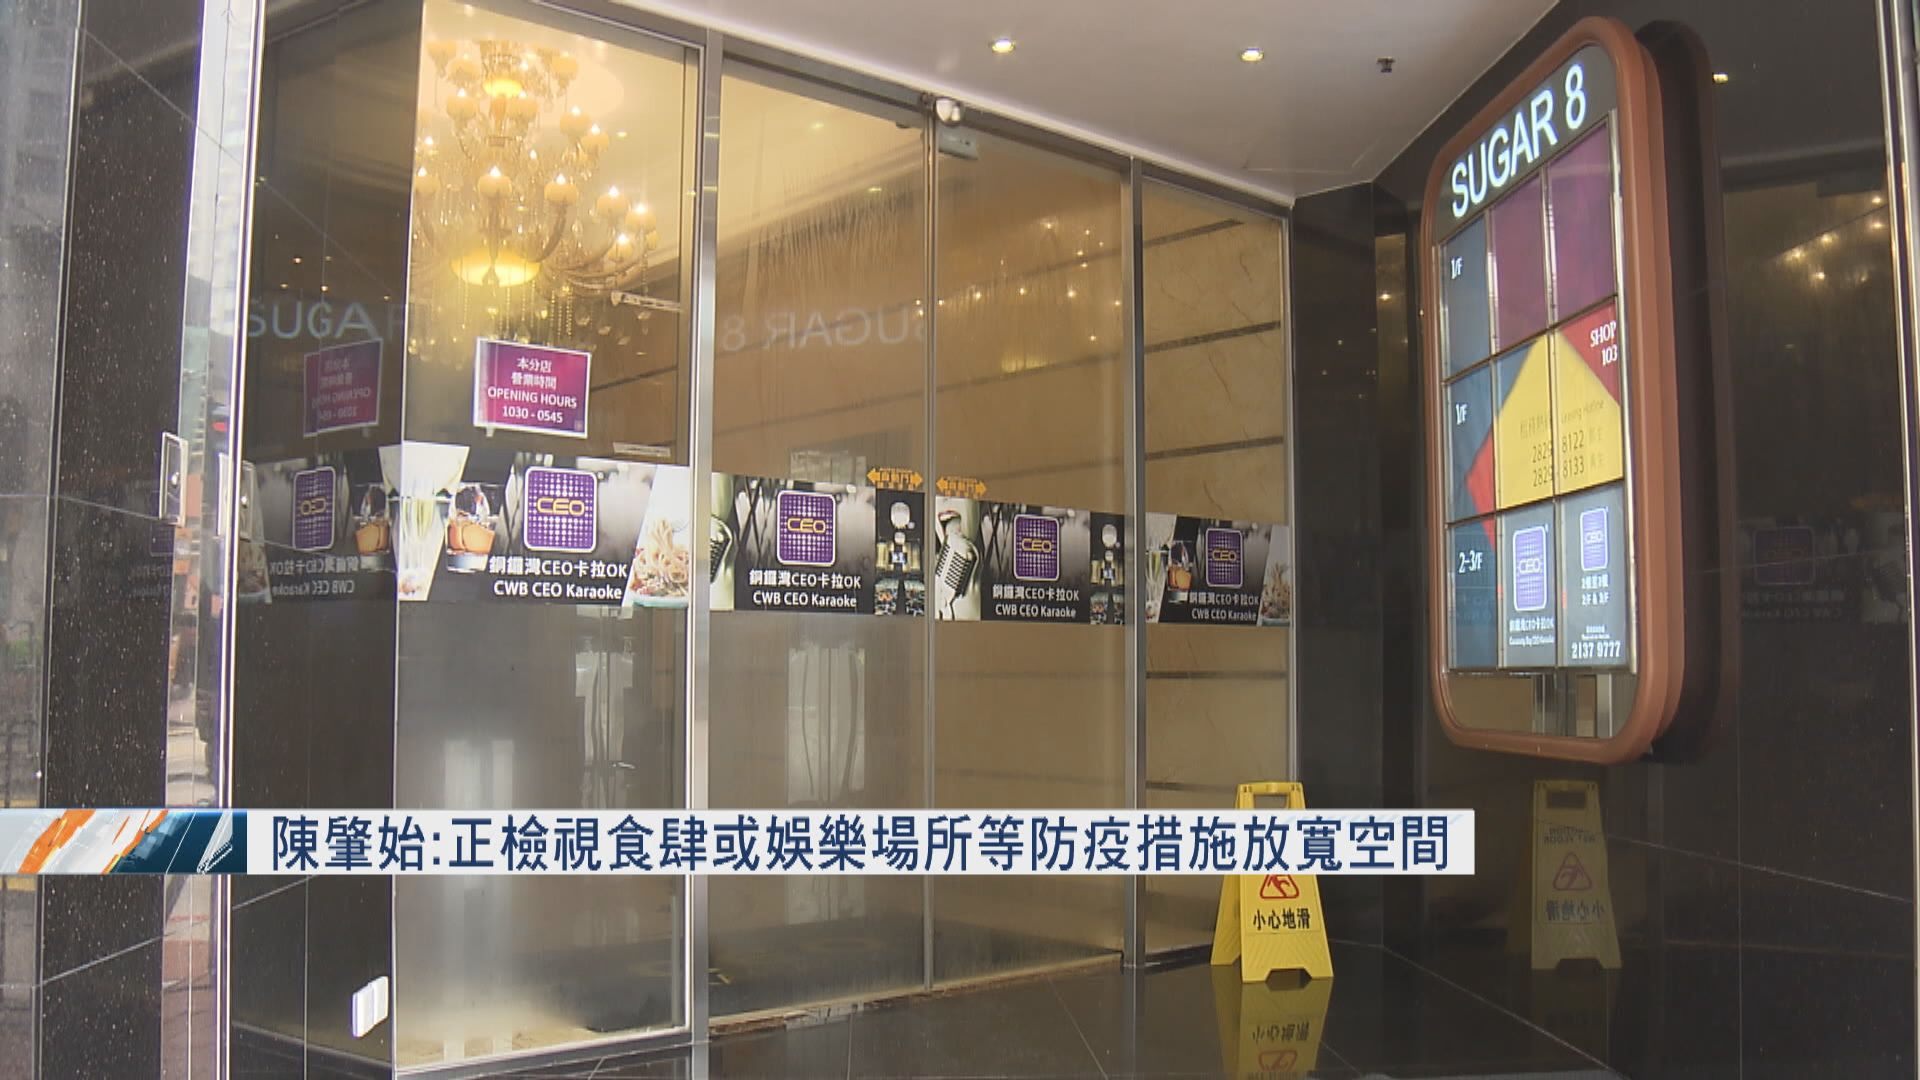 陳肇始:正檢視食肆或娛樂場所等防疫措施放寬空間